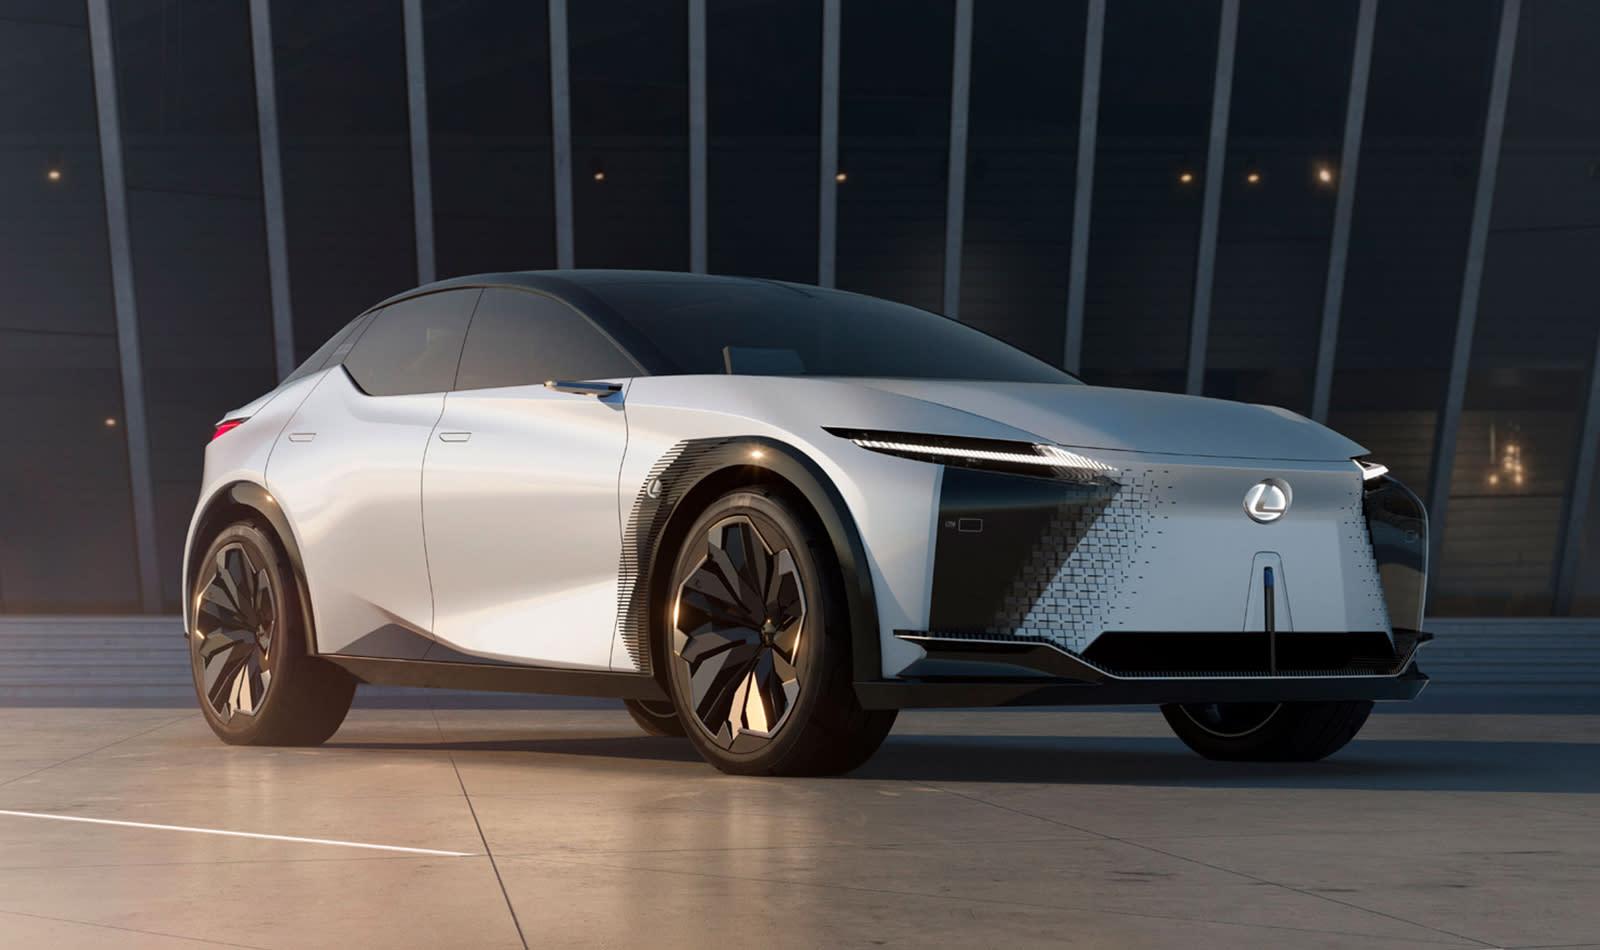 The Lexus LF-Z Electrified concept.